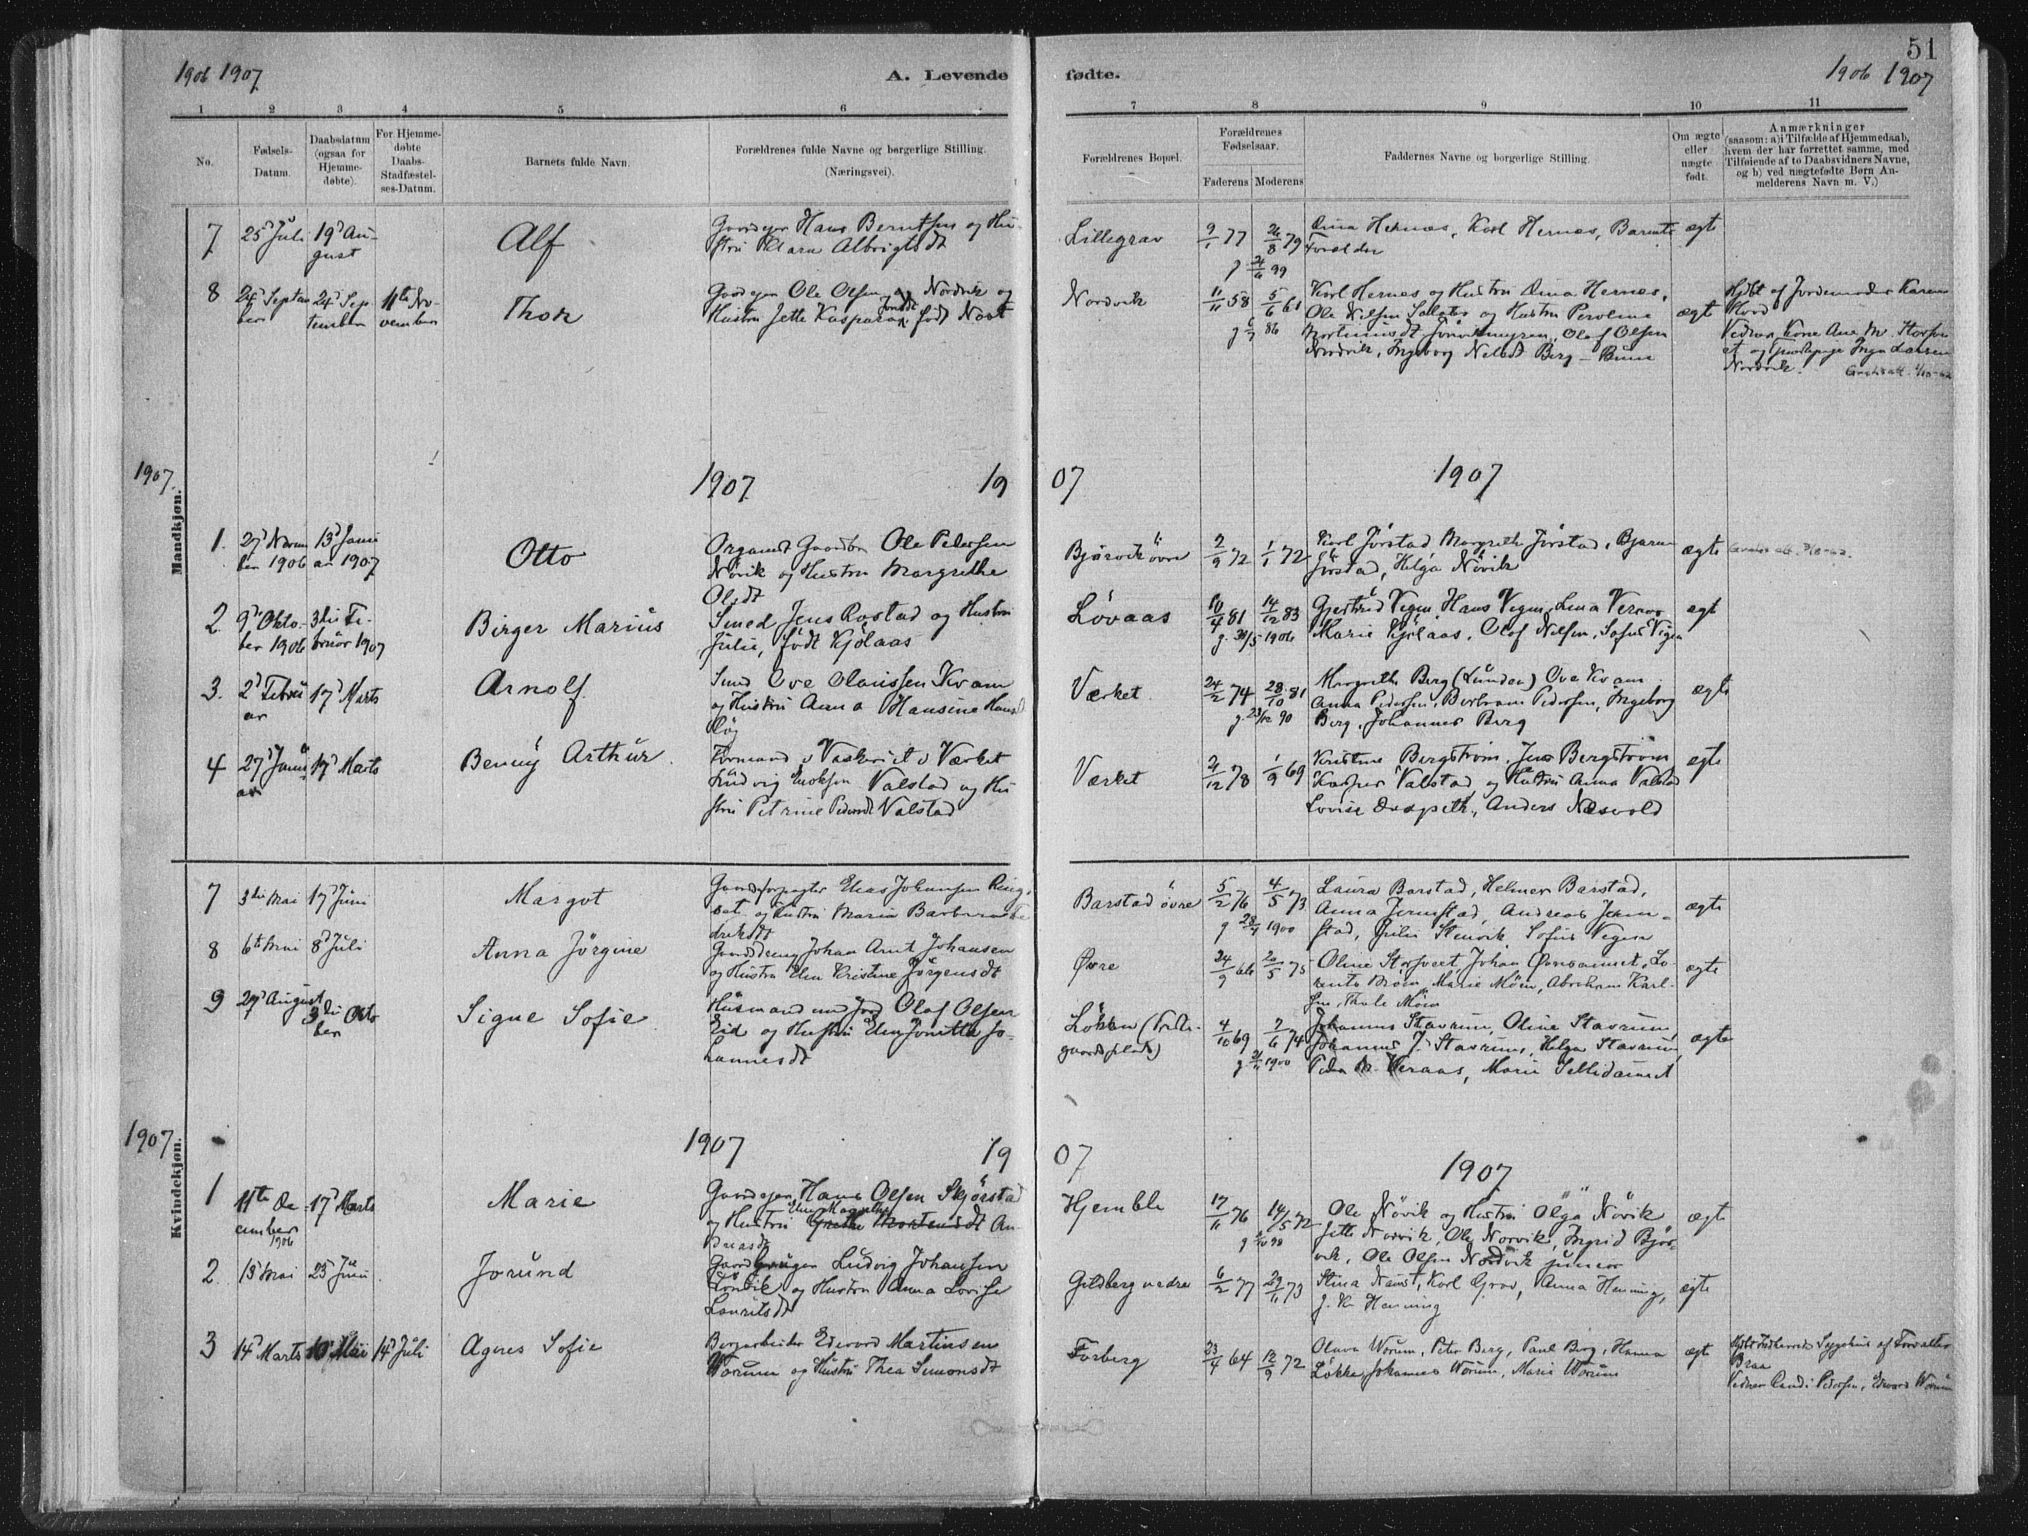 SAT, Ministerialprotokoller, klokkerbøker og fødselsregistre - Nord-Trøndelag, 722/L0220: Ministerialbok nr. 722A07, 1881-1908, s. 51